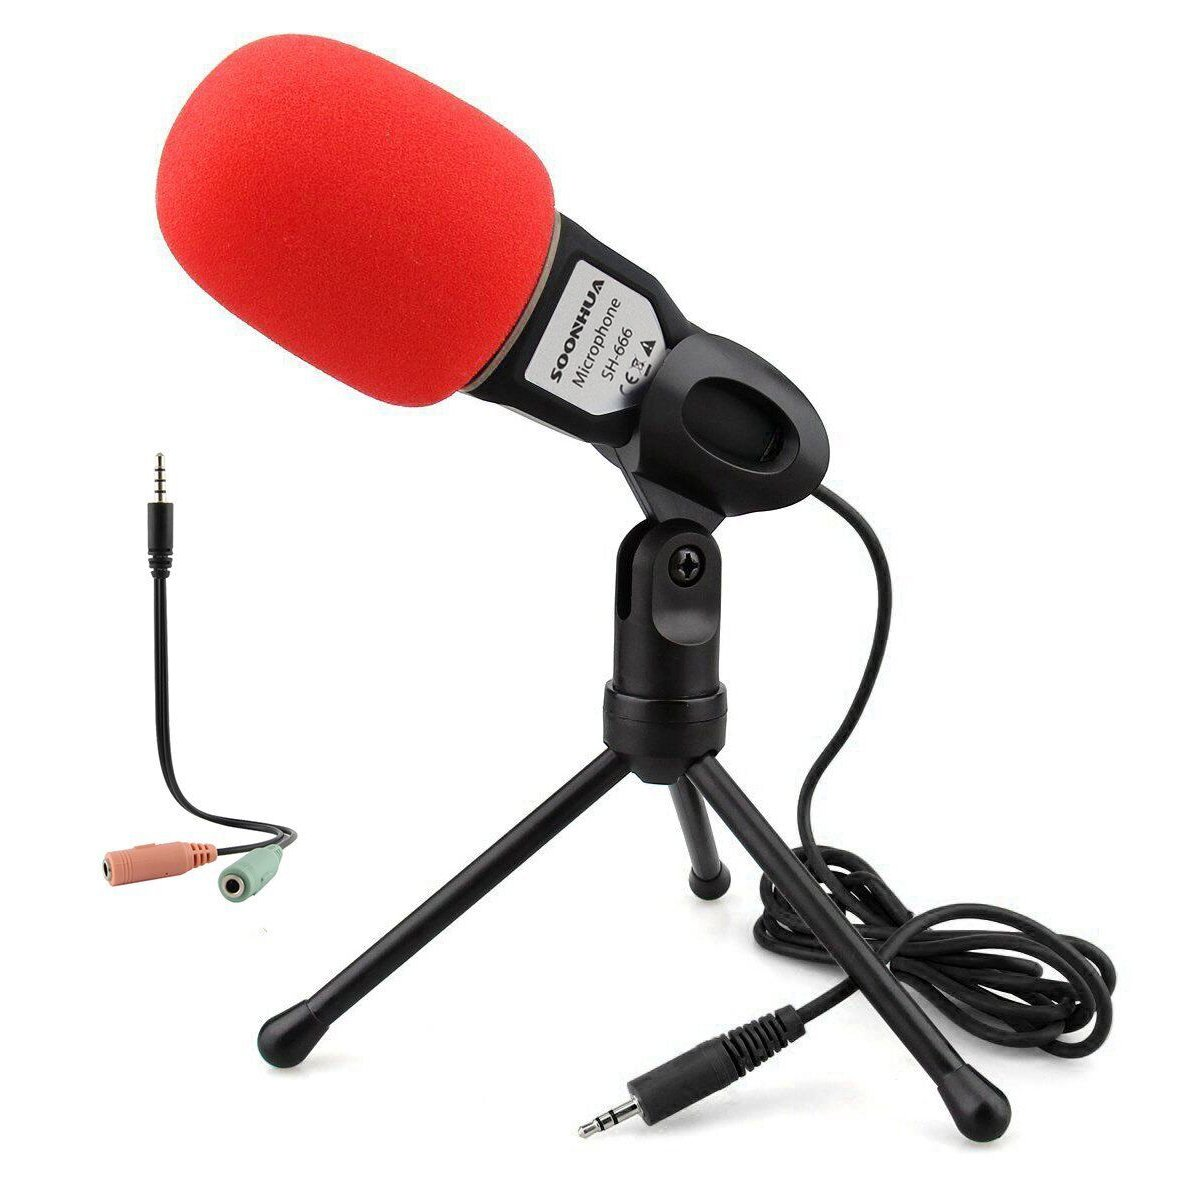 SOONHUA Wireless Headset Microphone, Black (4336300465)